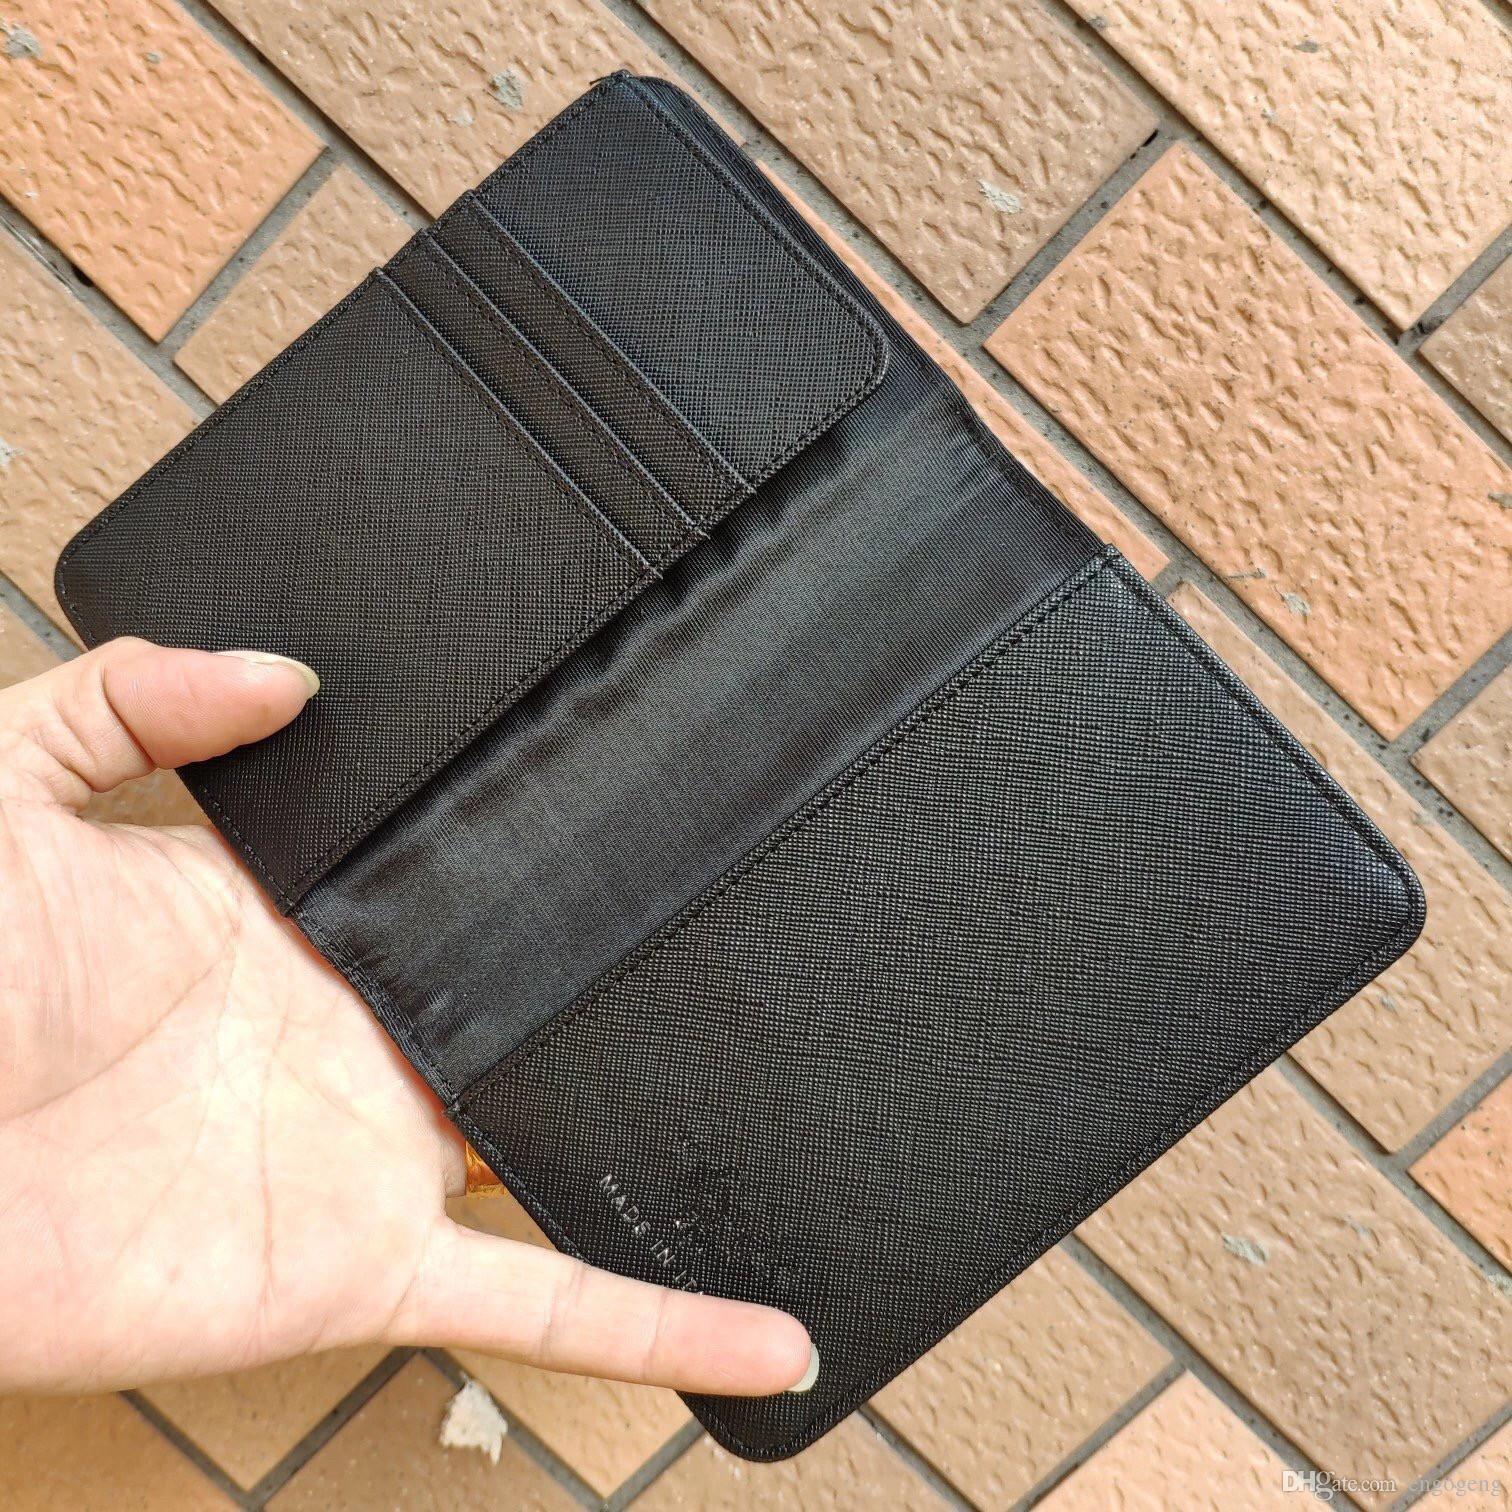 NOUVELLE arrivée classique motif PU titulaire du passeport Croix modèle sac de sac noir PU sac titulaire de la carte passeport sac